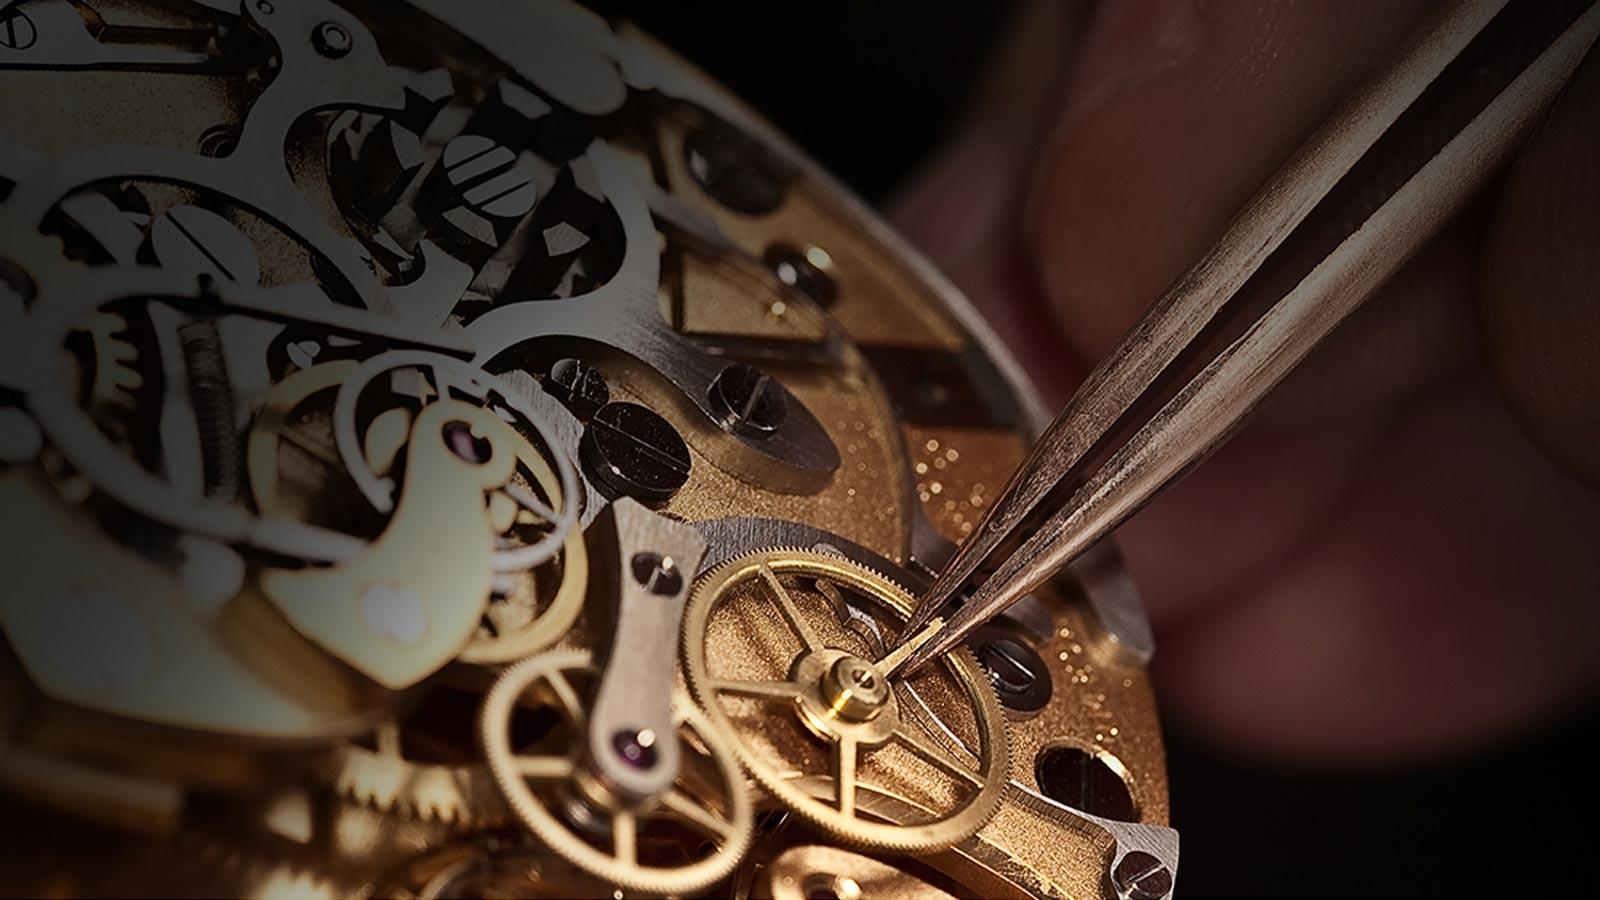 Если ваши часы по какой-либо причине они вышли из строя - наши мастера-часовщики помогут вернуть к жизни ваши часы, отремонтируют механизм, восстановят циферблат и т.д.